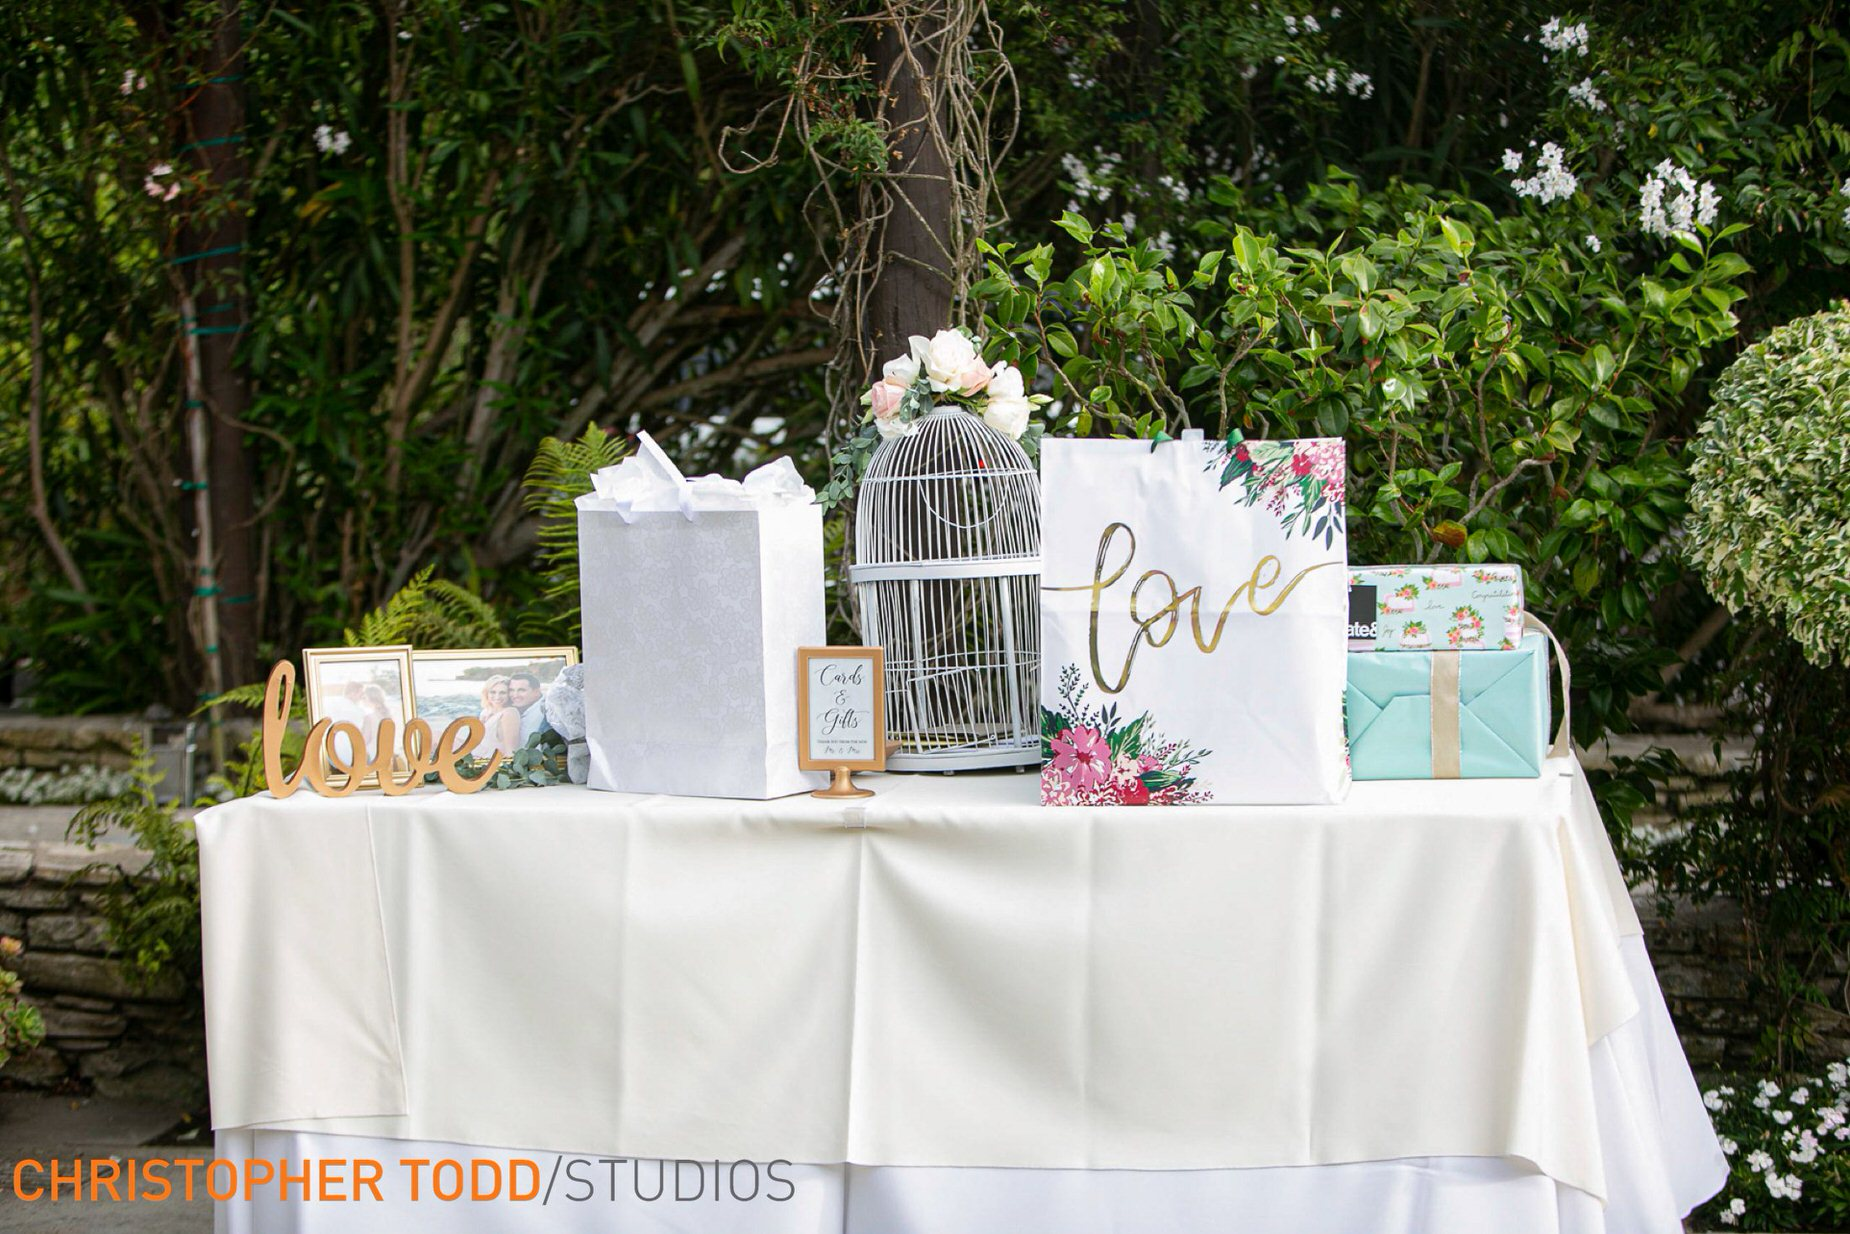 la-venta-inn-outdoor-wedding-venue